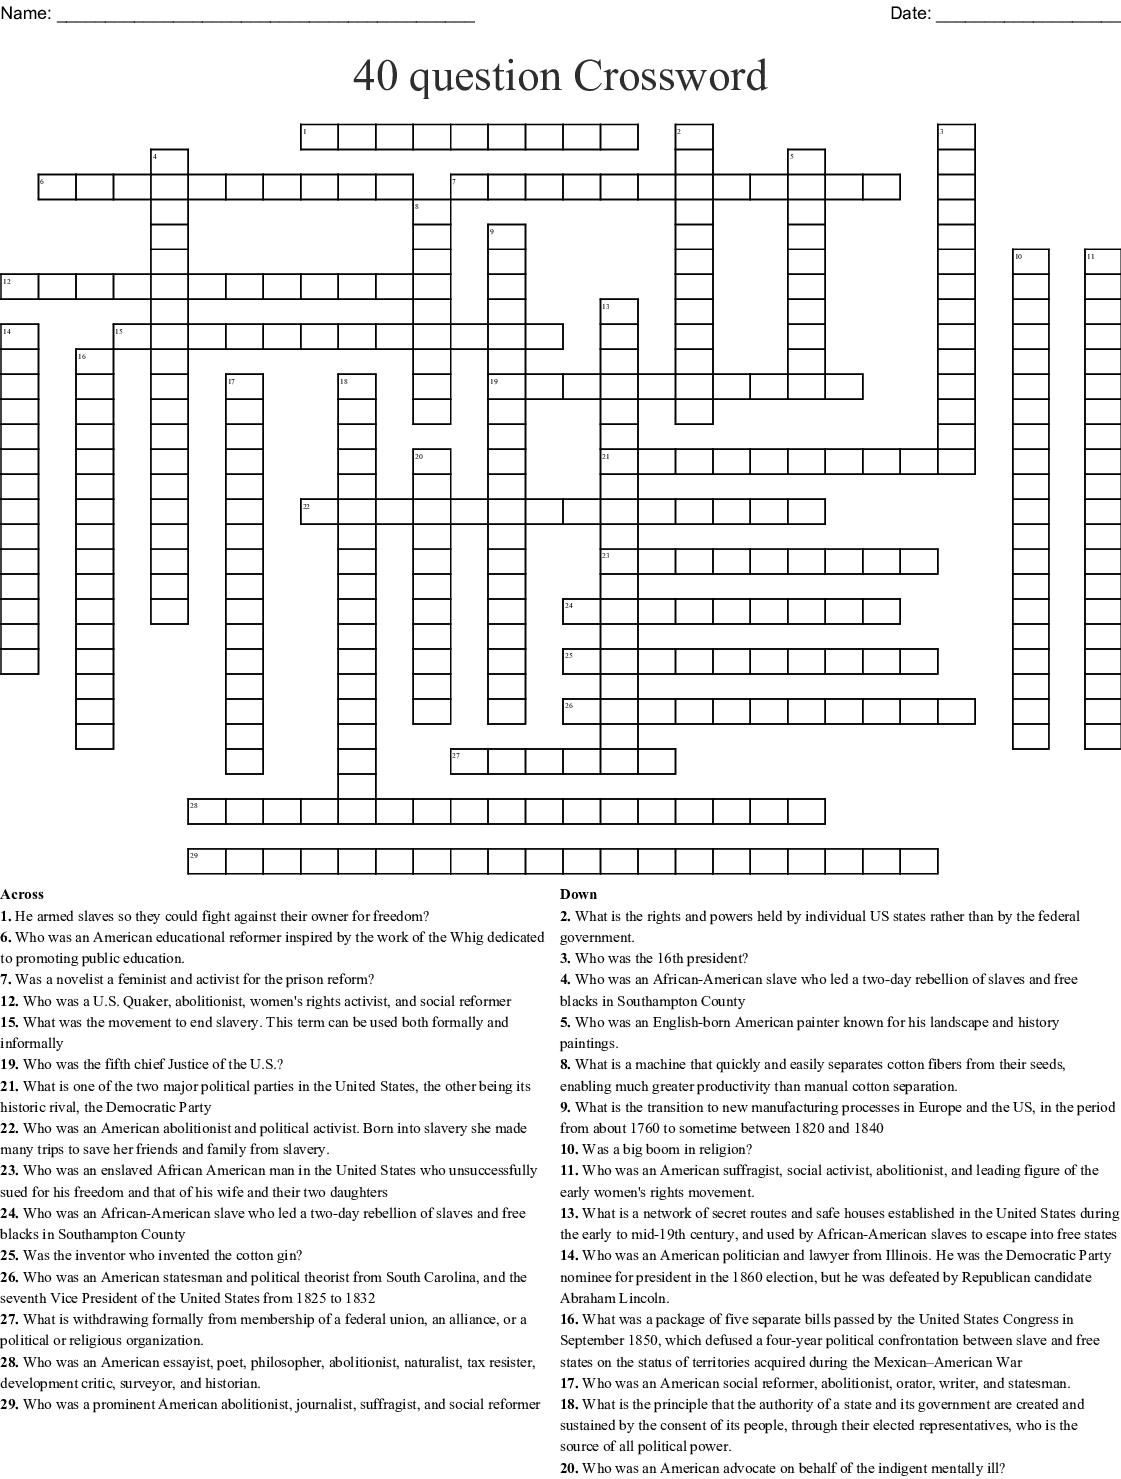 40 Question Crossword